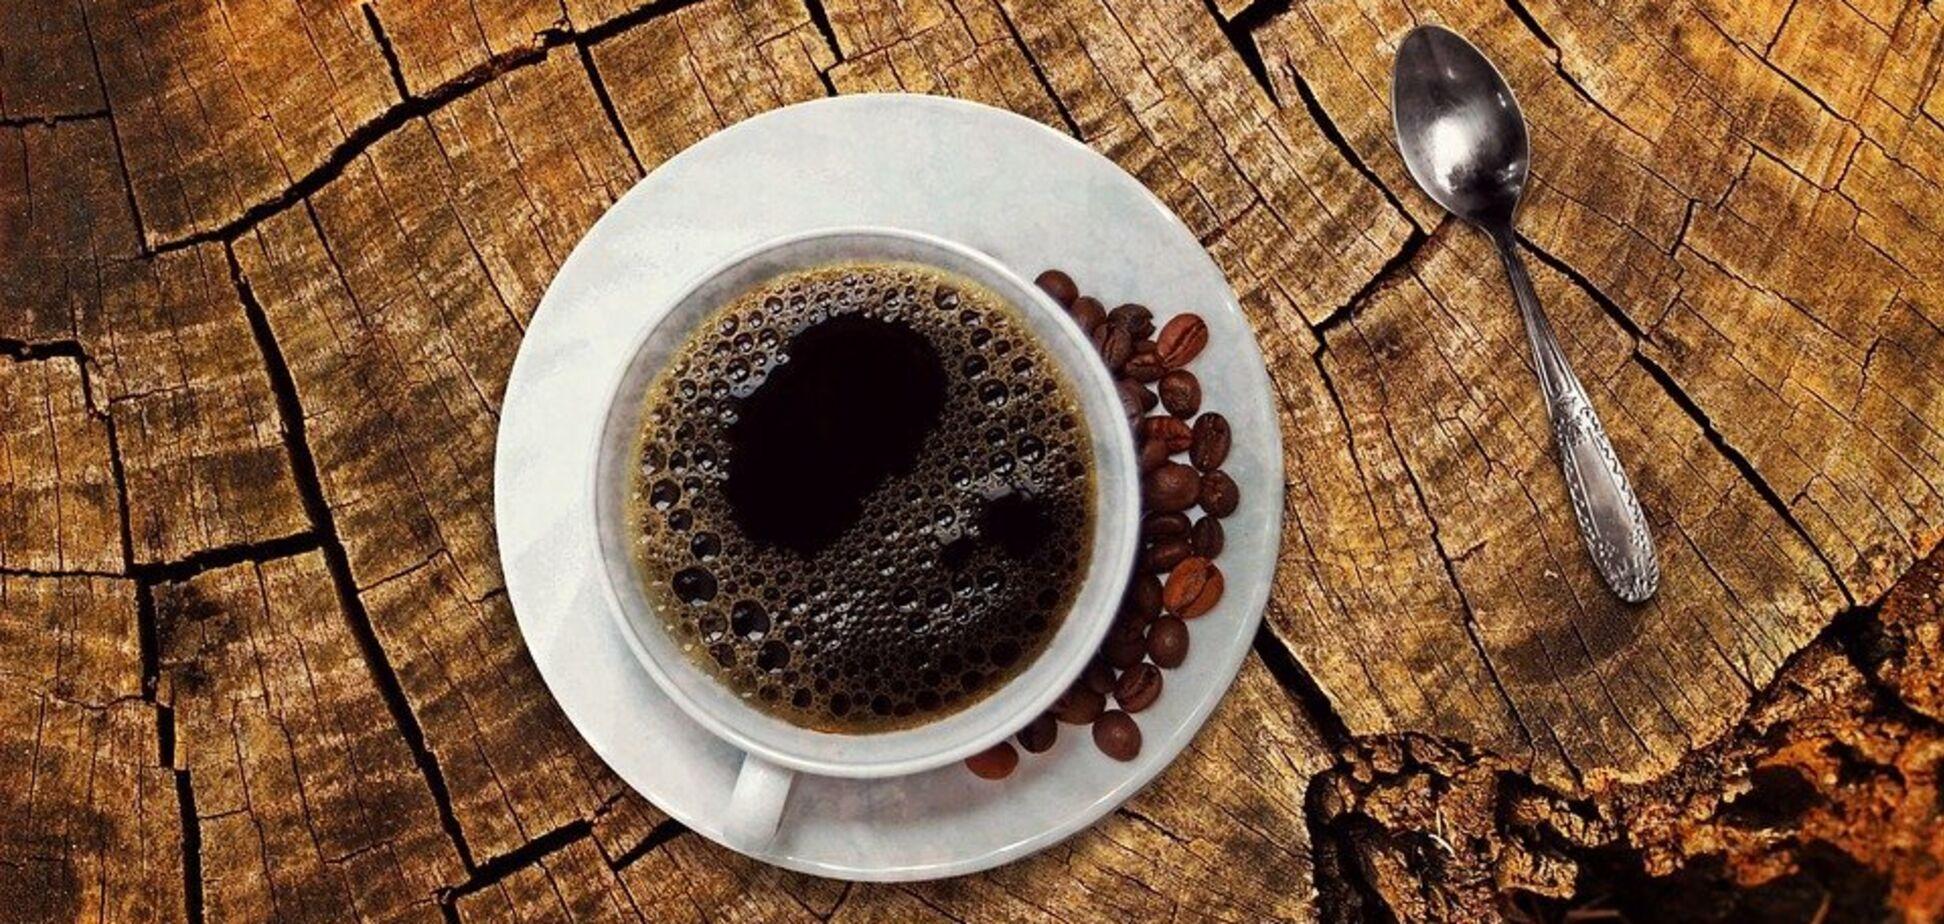 Кози допомогли: як з'явилася кава та найкращі рецепти, які варто приготувати вдома